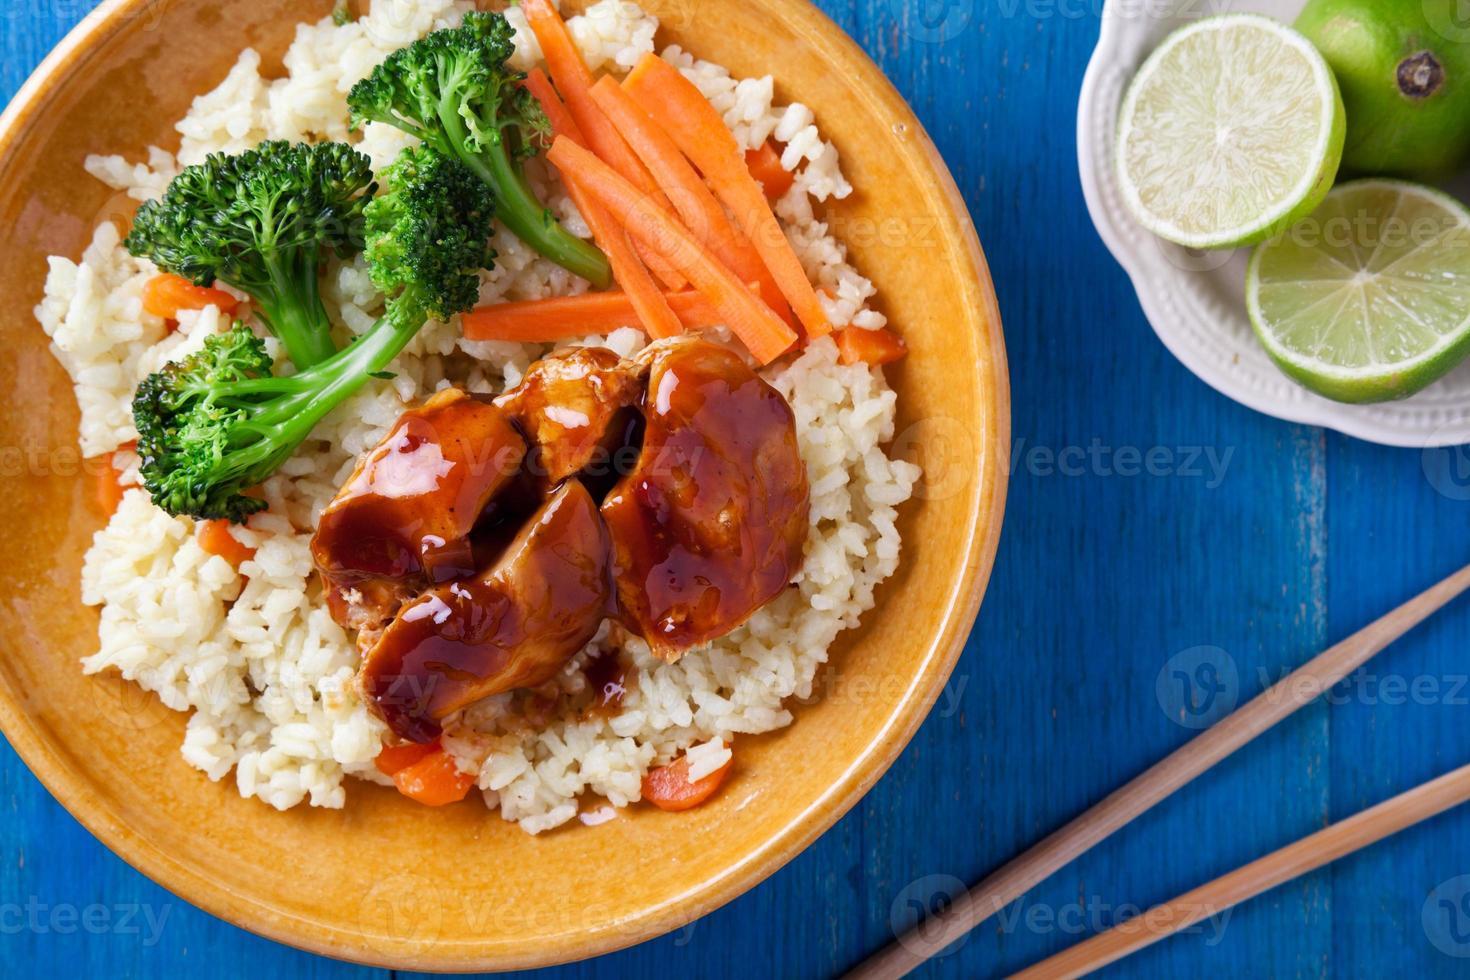 kip en groenten maaltijd close-up foto